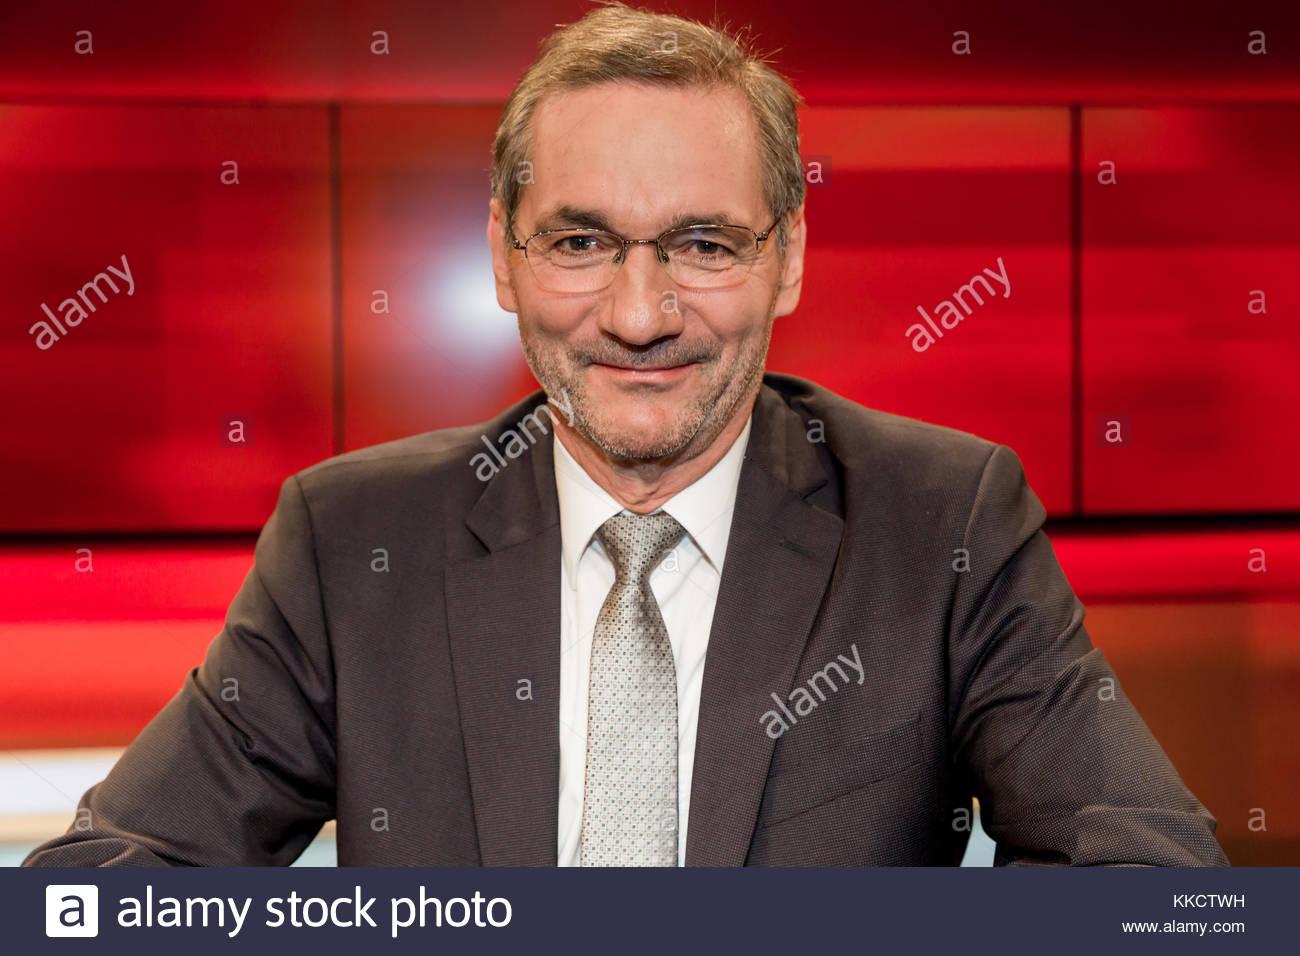 Matthias Platzeck - SPD, ehemaliger Ministerpraesident des Landes Brandenburg und ehemaliger Parteivorsitzender - Stock Image